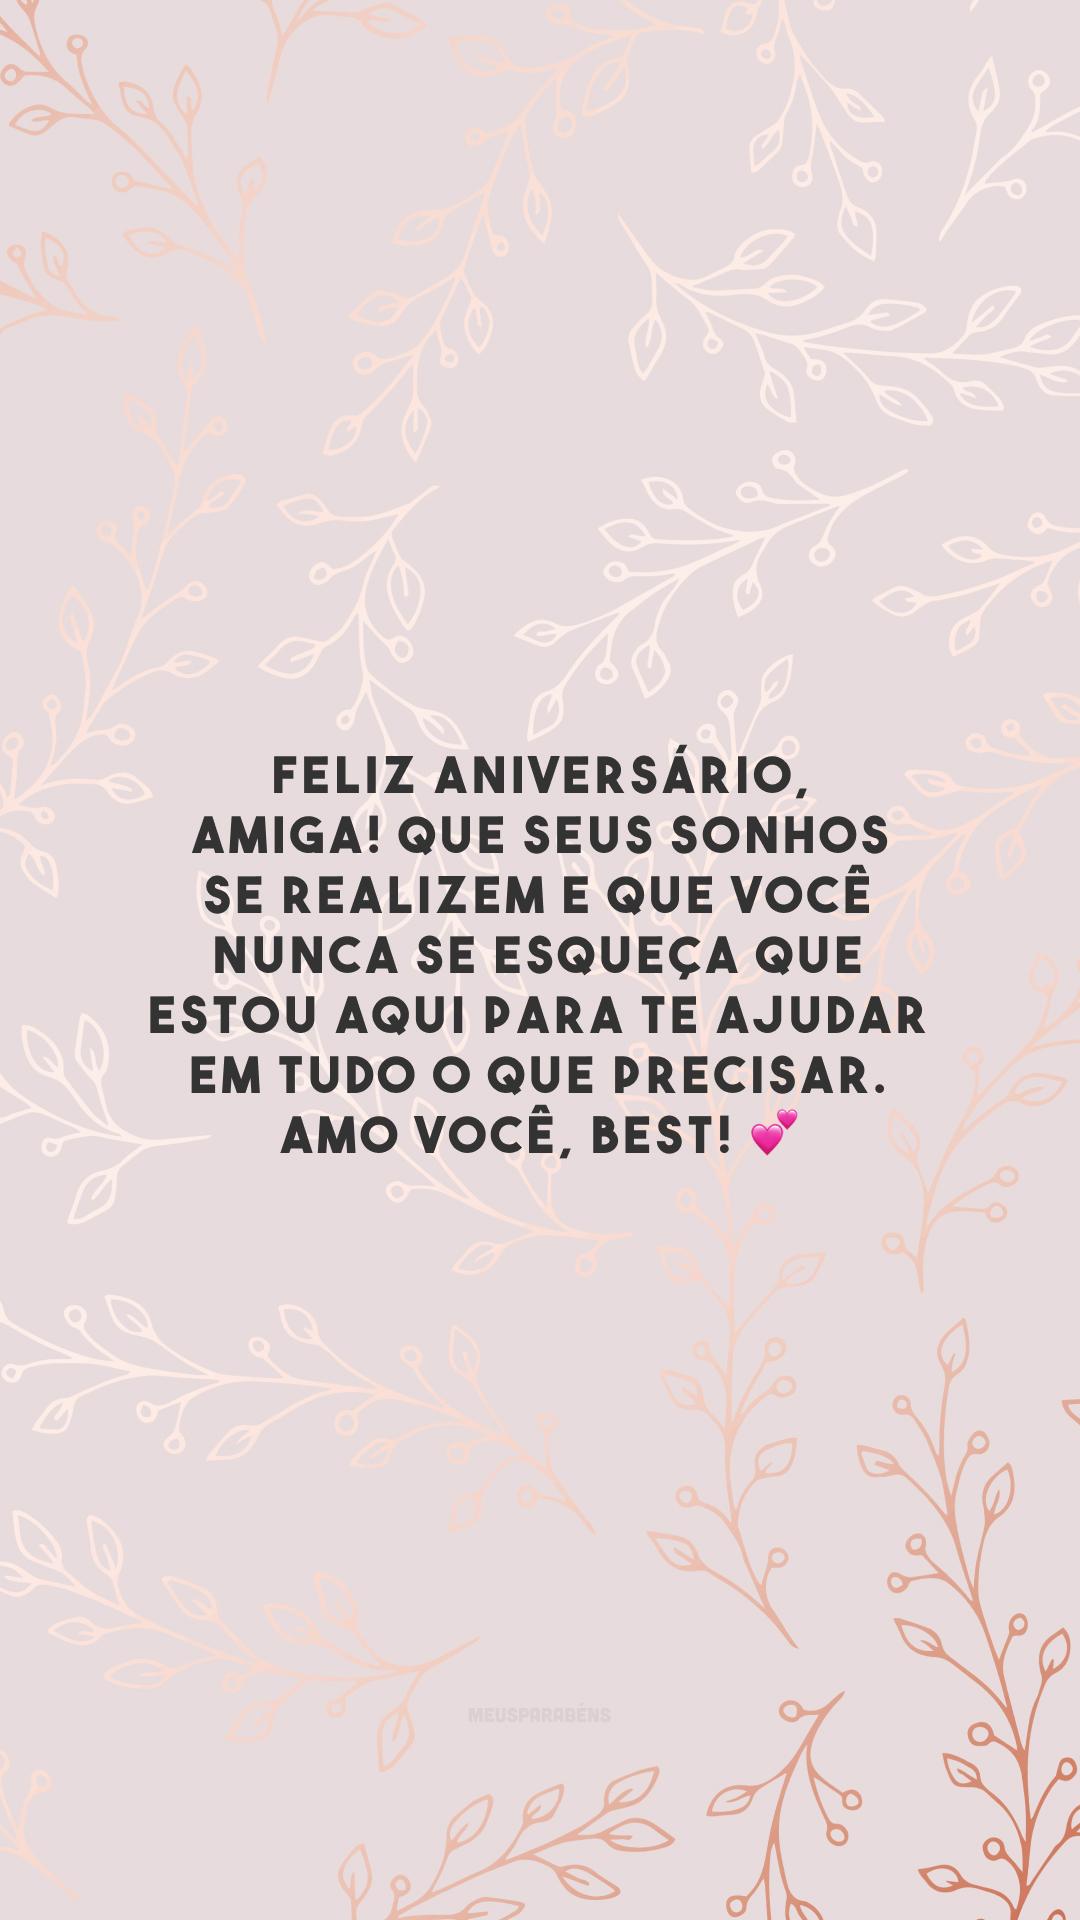 Feliz aniversário, amiga! Que seus sonhos se realizem e que você nunca se esqueça que estou aqui para te ajudar em tudo o que precisar. Amo você, best! 💕